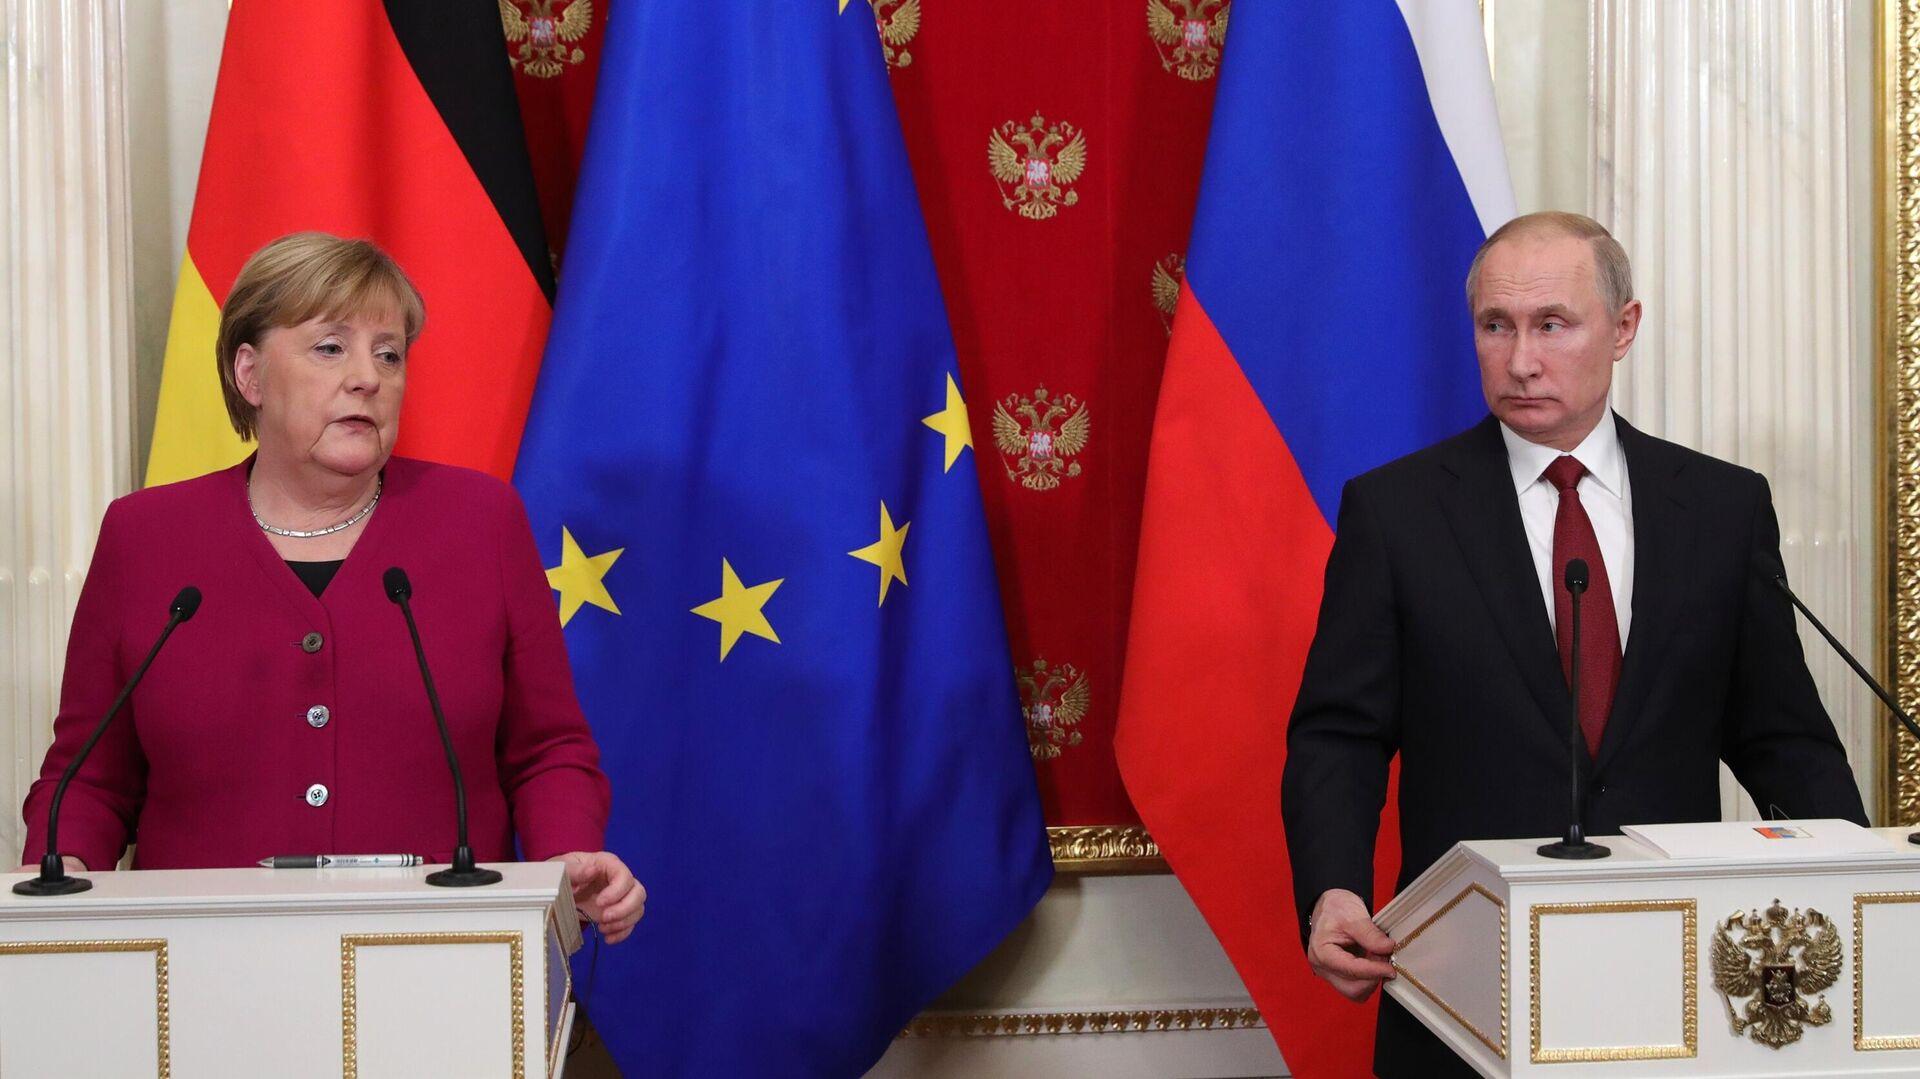 Президент РФ Владимир Путин и федеральный канцлер Германии Ангела Меркель во время совместной пресс-конференции по итогам встречи - РИА Новости, 1920, 22.06.2021